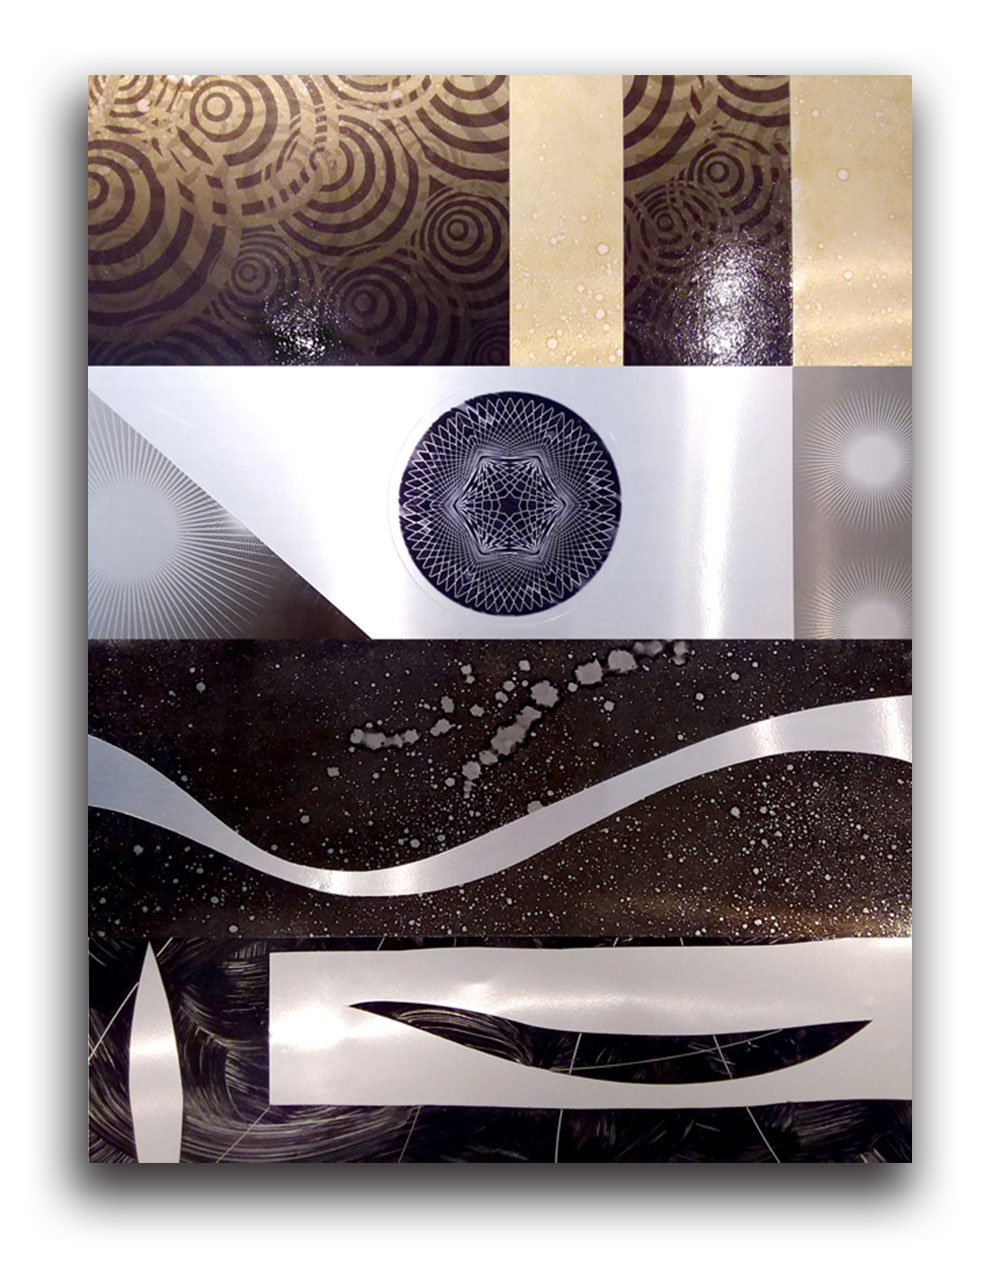 pannelli-in-metallo-decorati-a-mano- in vendita 5